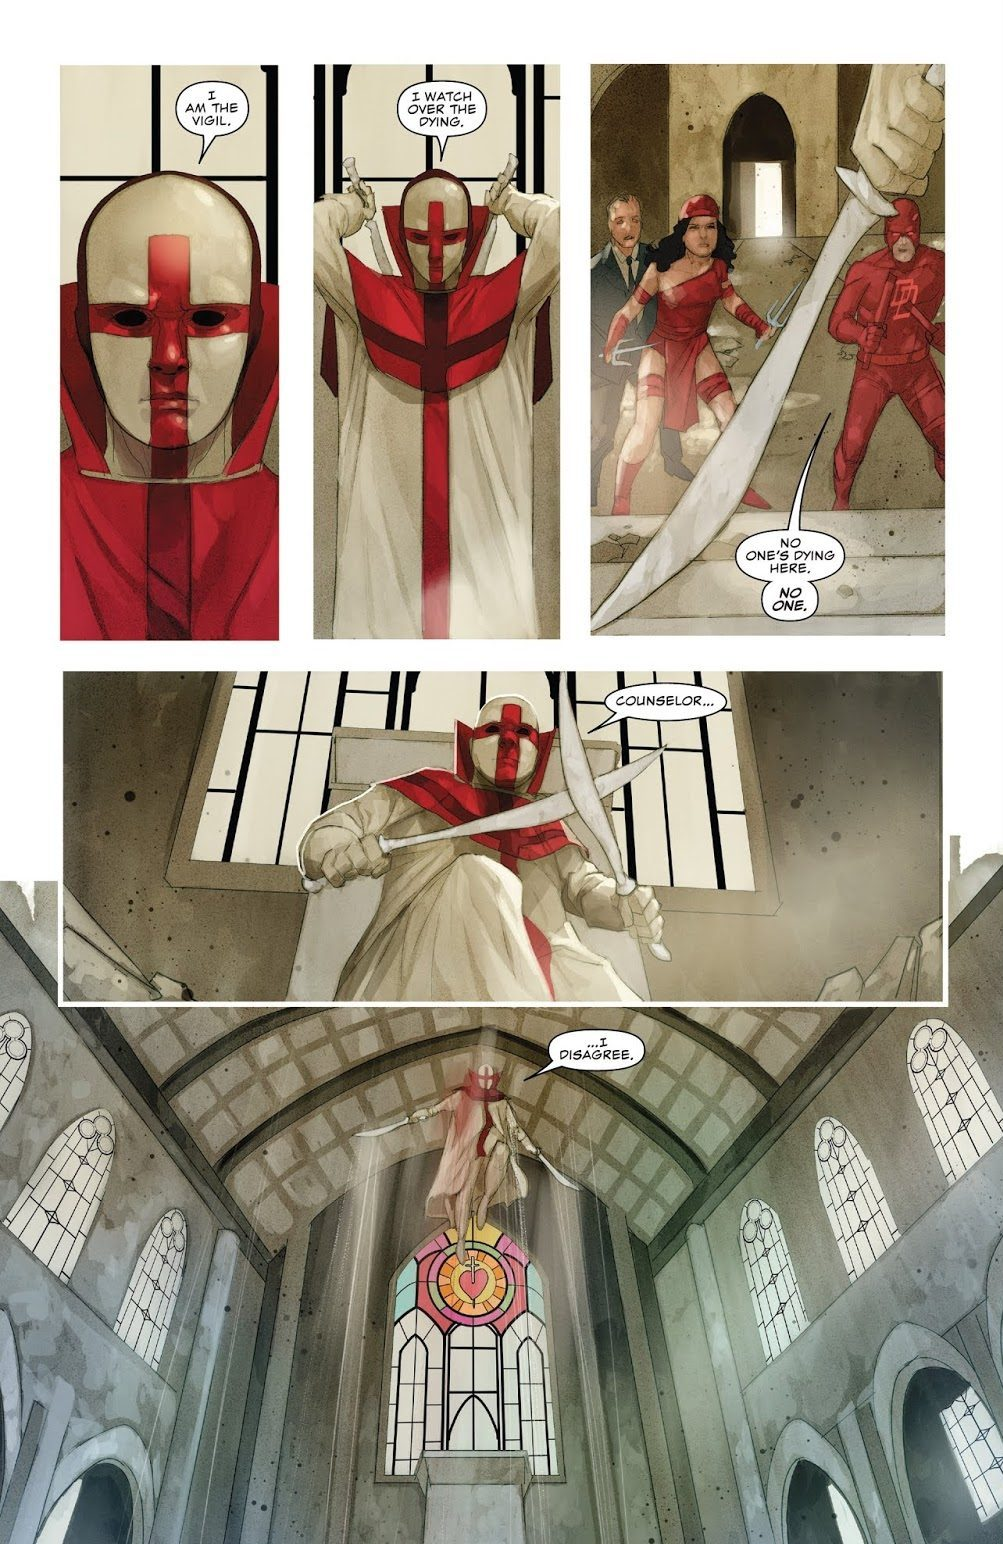 Daredevil-610-The-Vigil-spoilers-1-e1540992761441.jpg